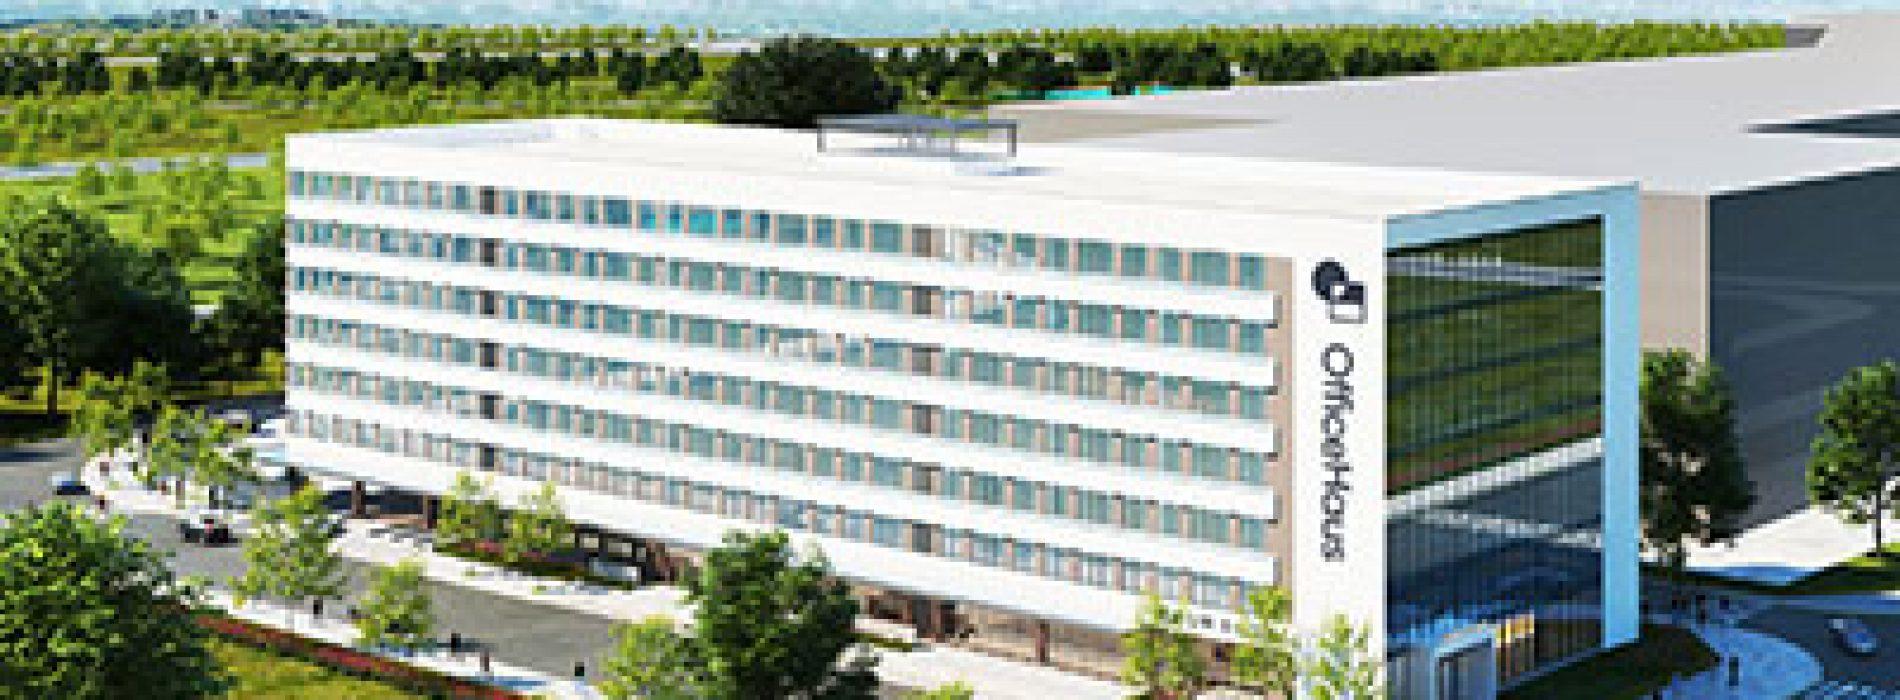 Cushman & Wakefield Việt Nam chính thức được chọn  Làm Đại lý cho thuê của Dự án OfficeHaus